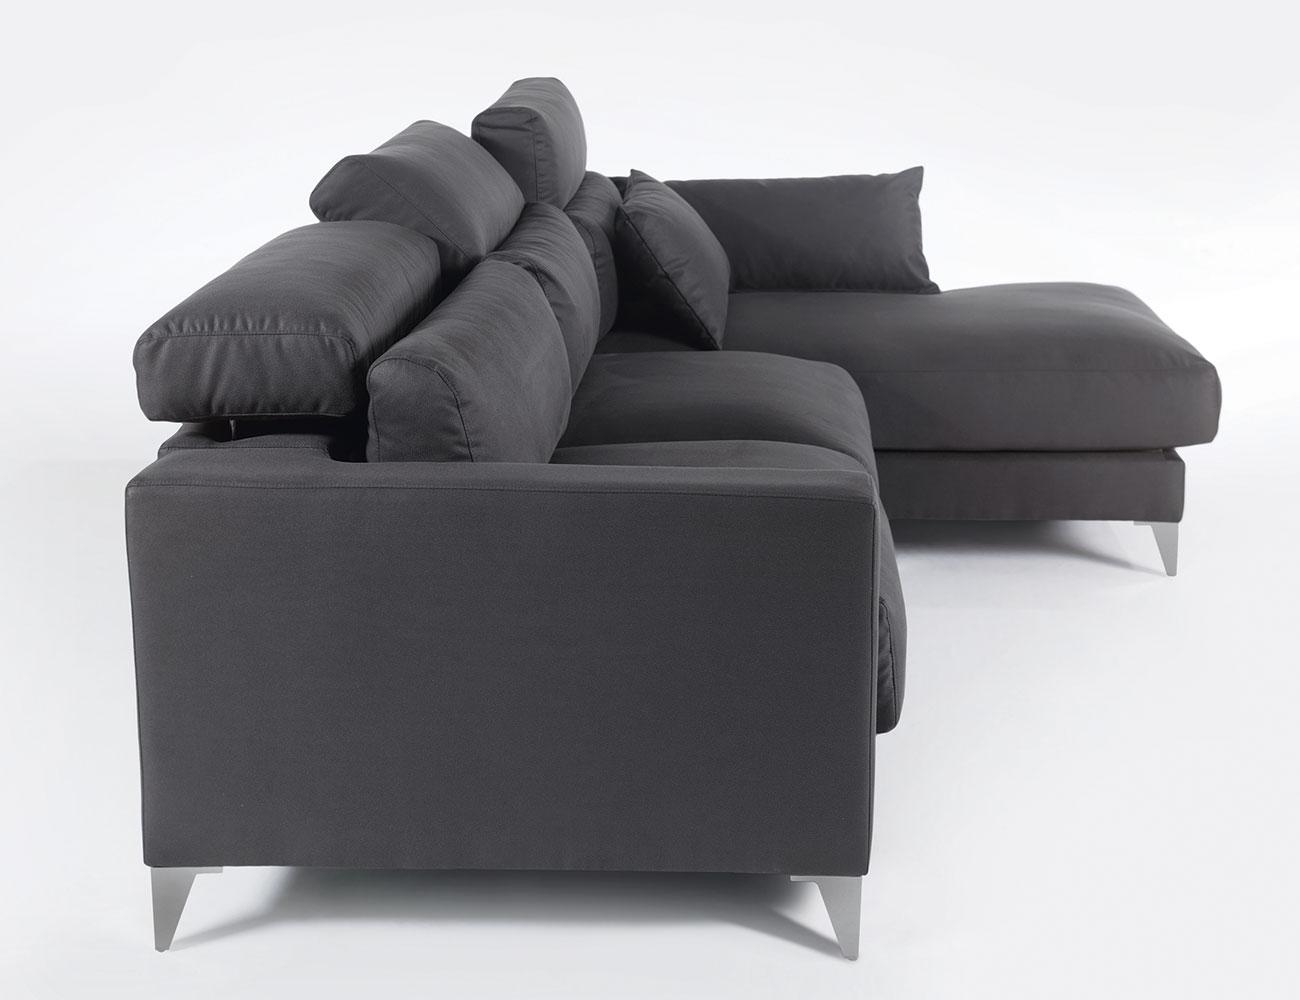 Sofa chaiselongue gran lujo decorativo grafito 142